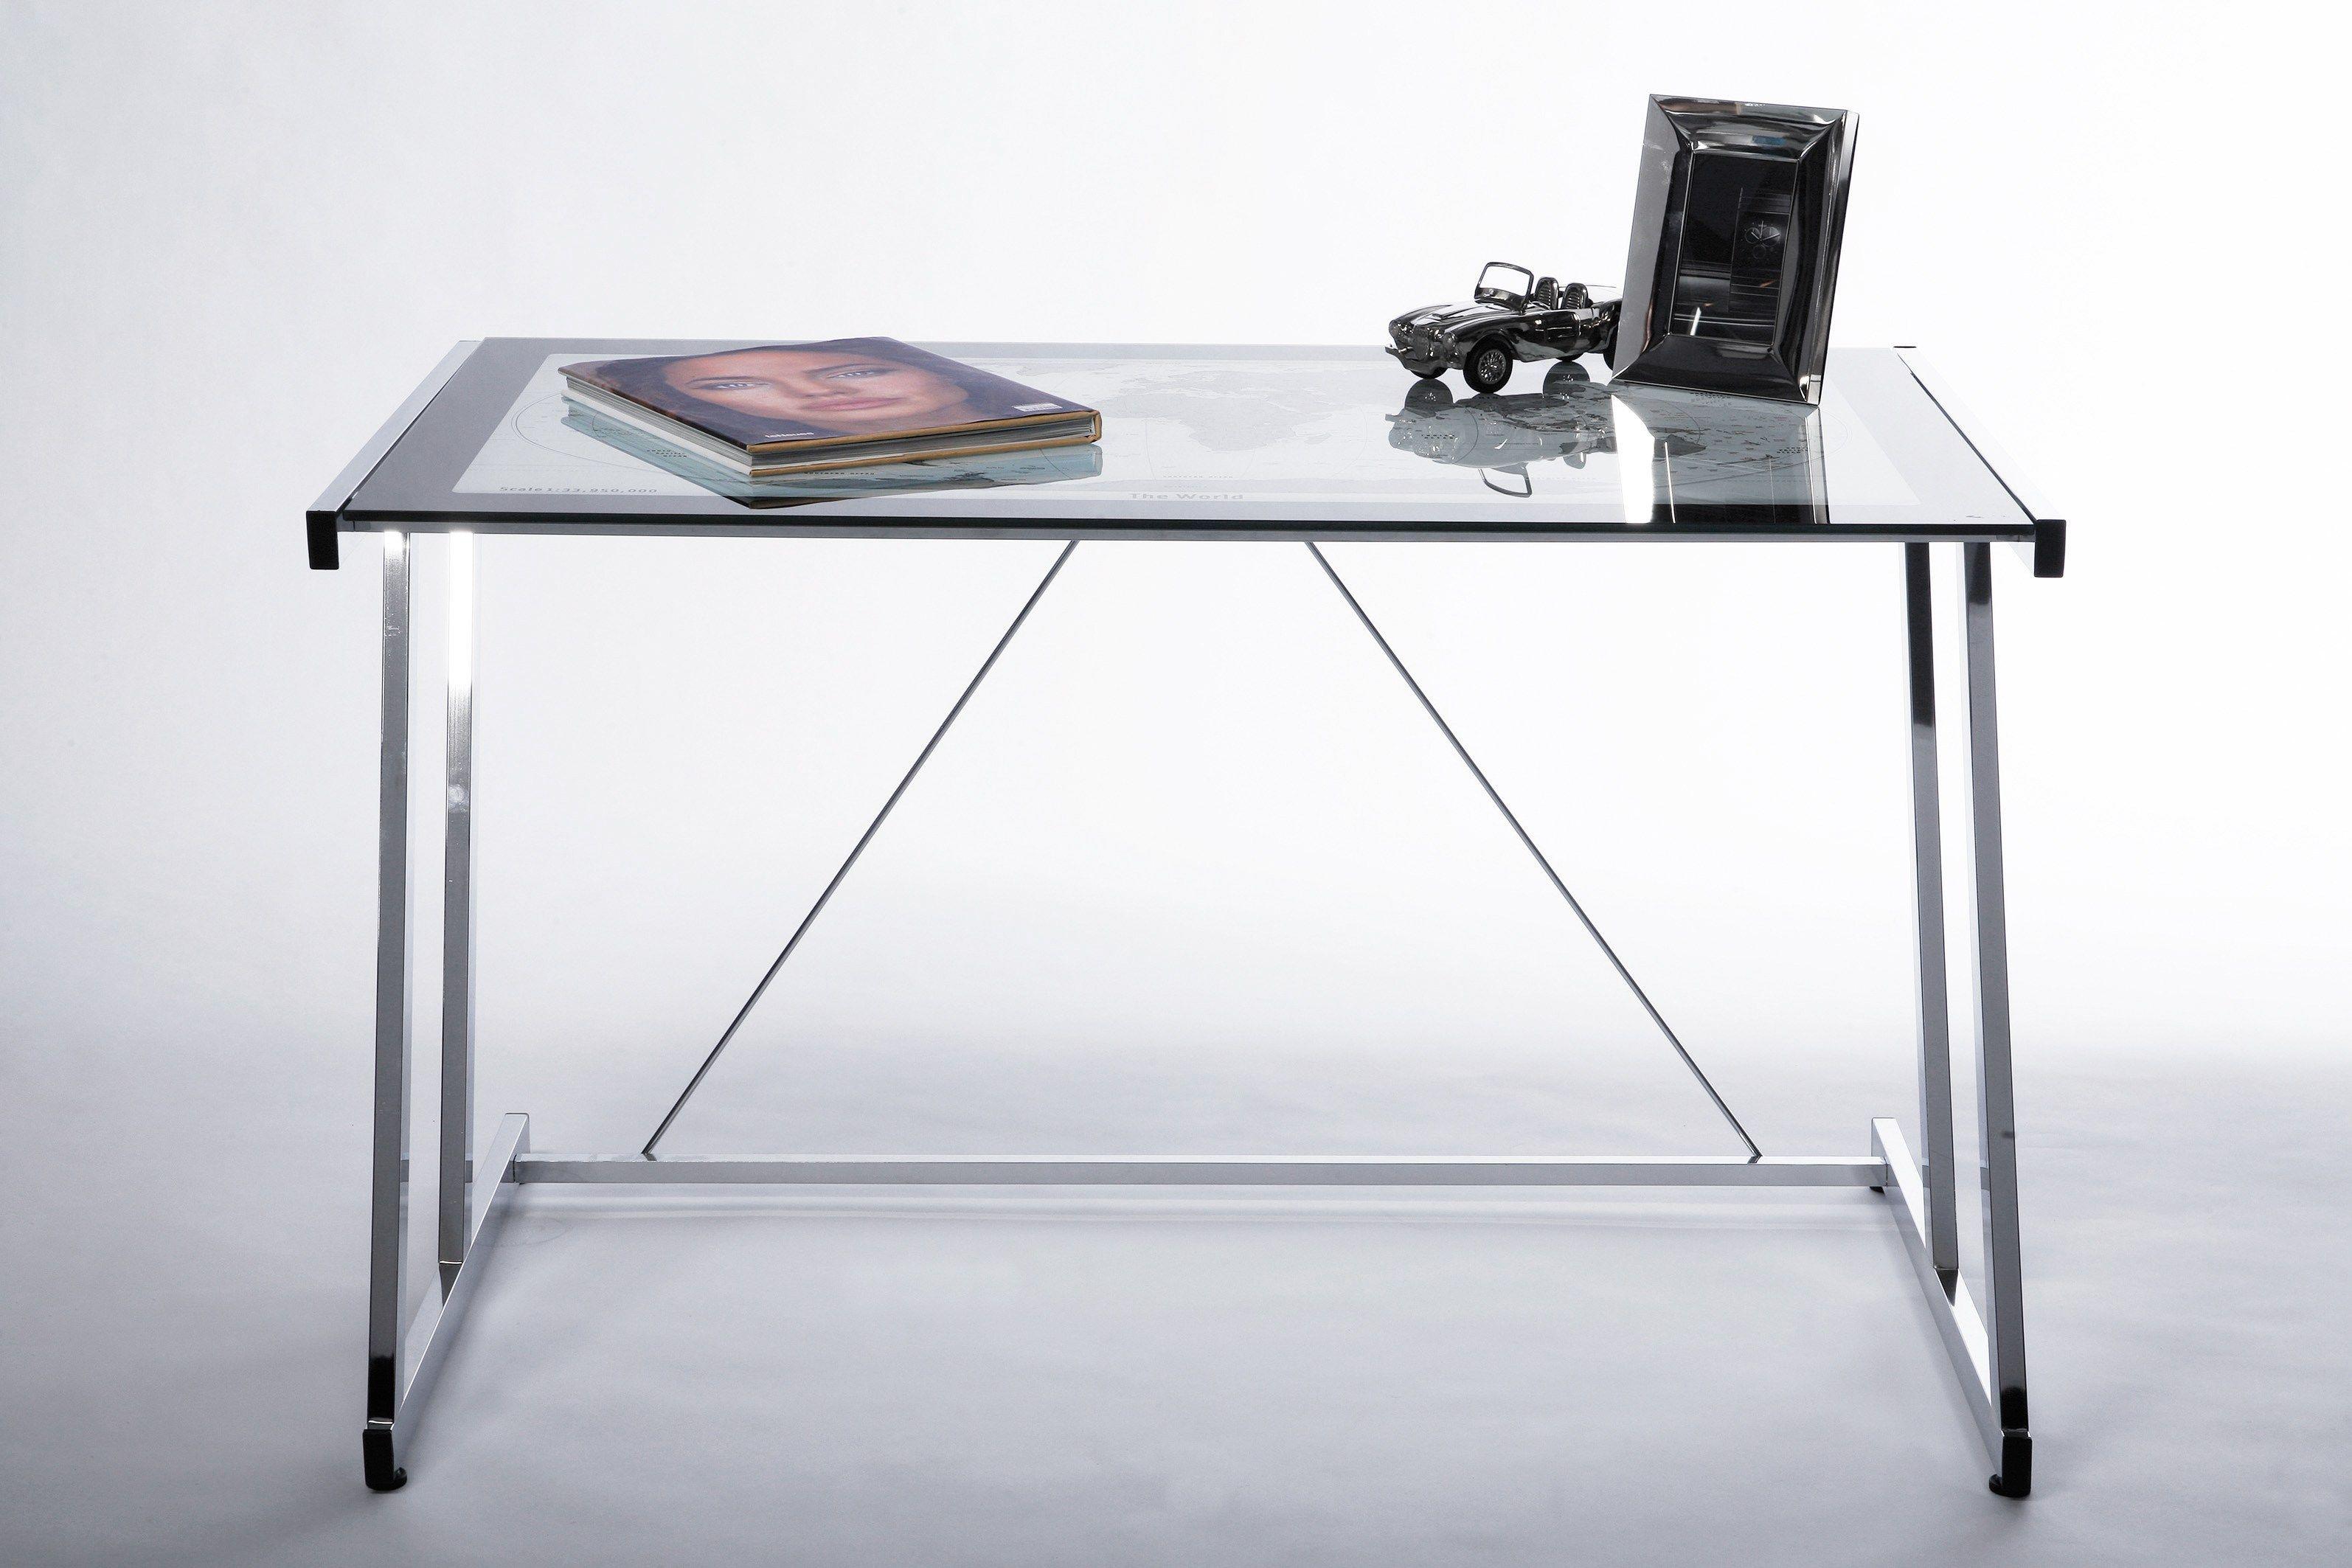 Scrivania rettangolare in acciaio e vetro mondo by kare design for Scrivanie in vetro e acciaio